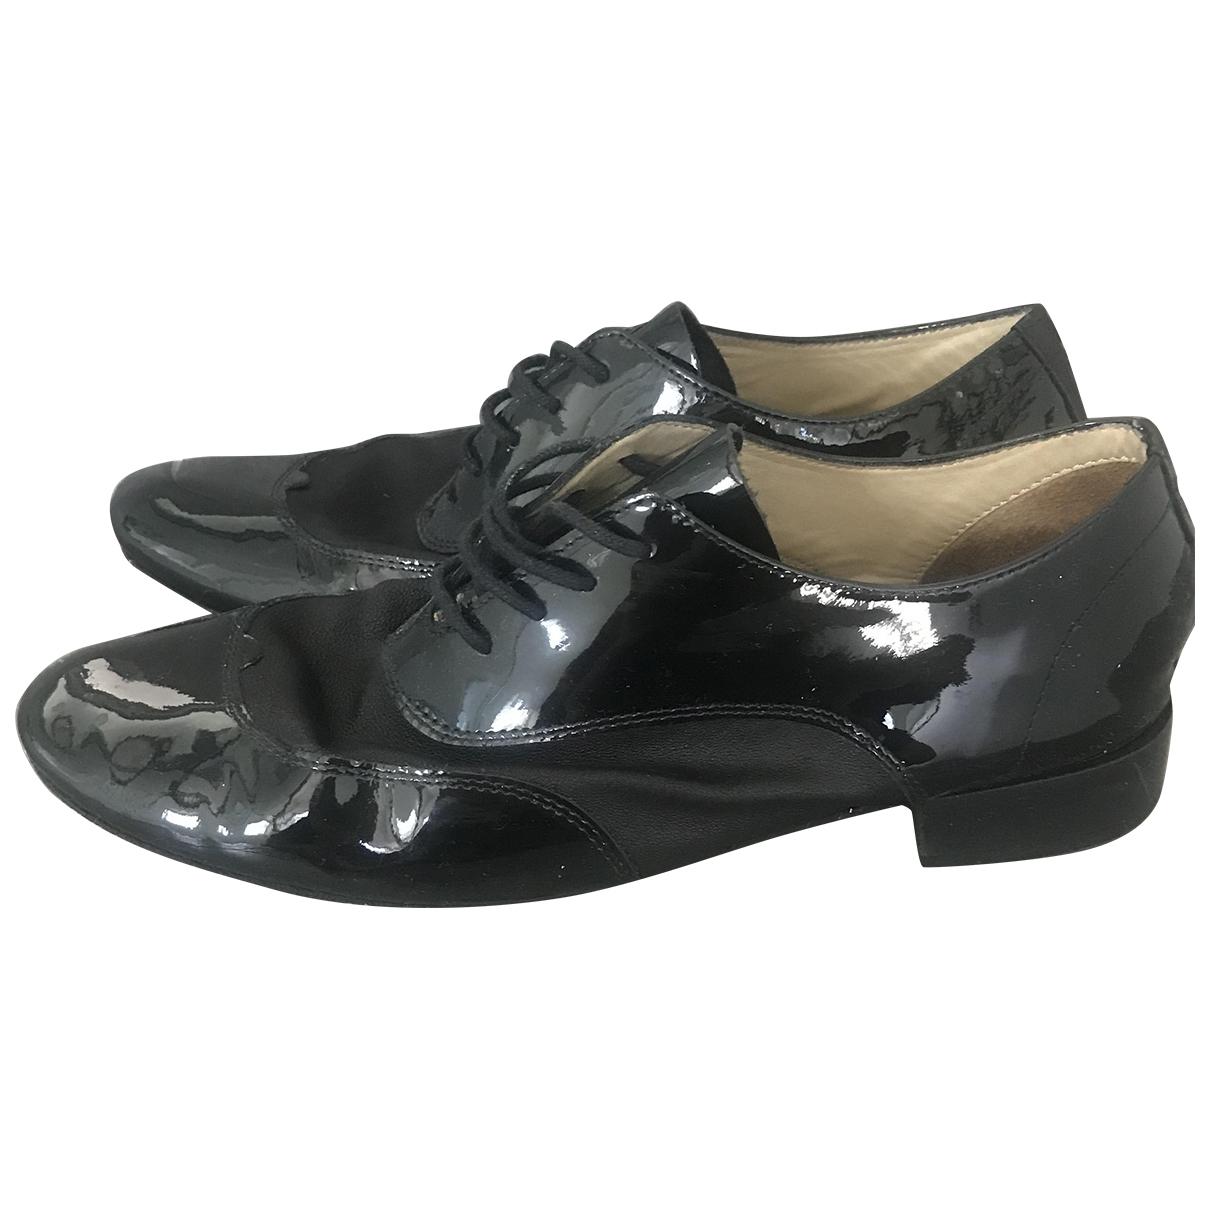 Repetto - Derbies   pour femme en cuir verni - noir